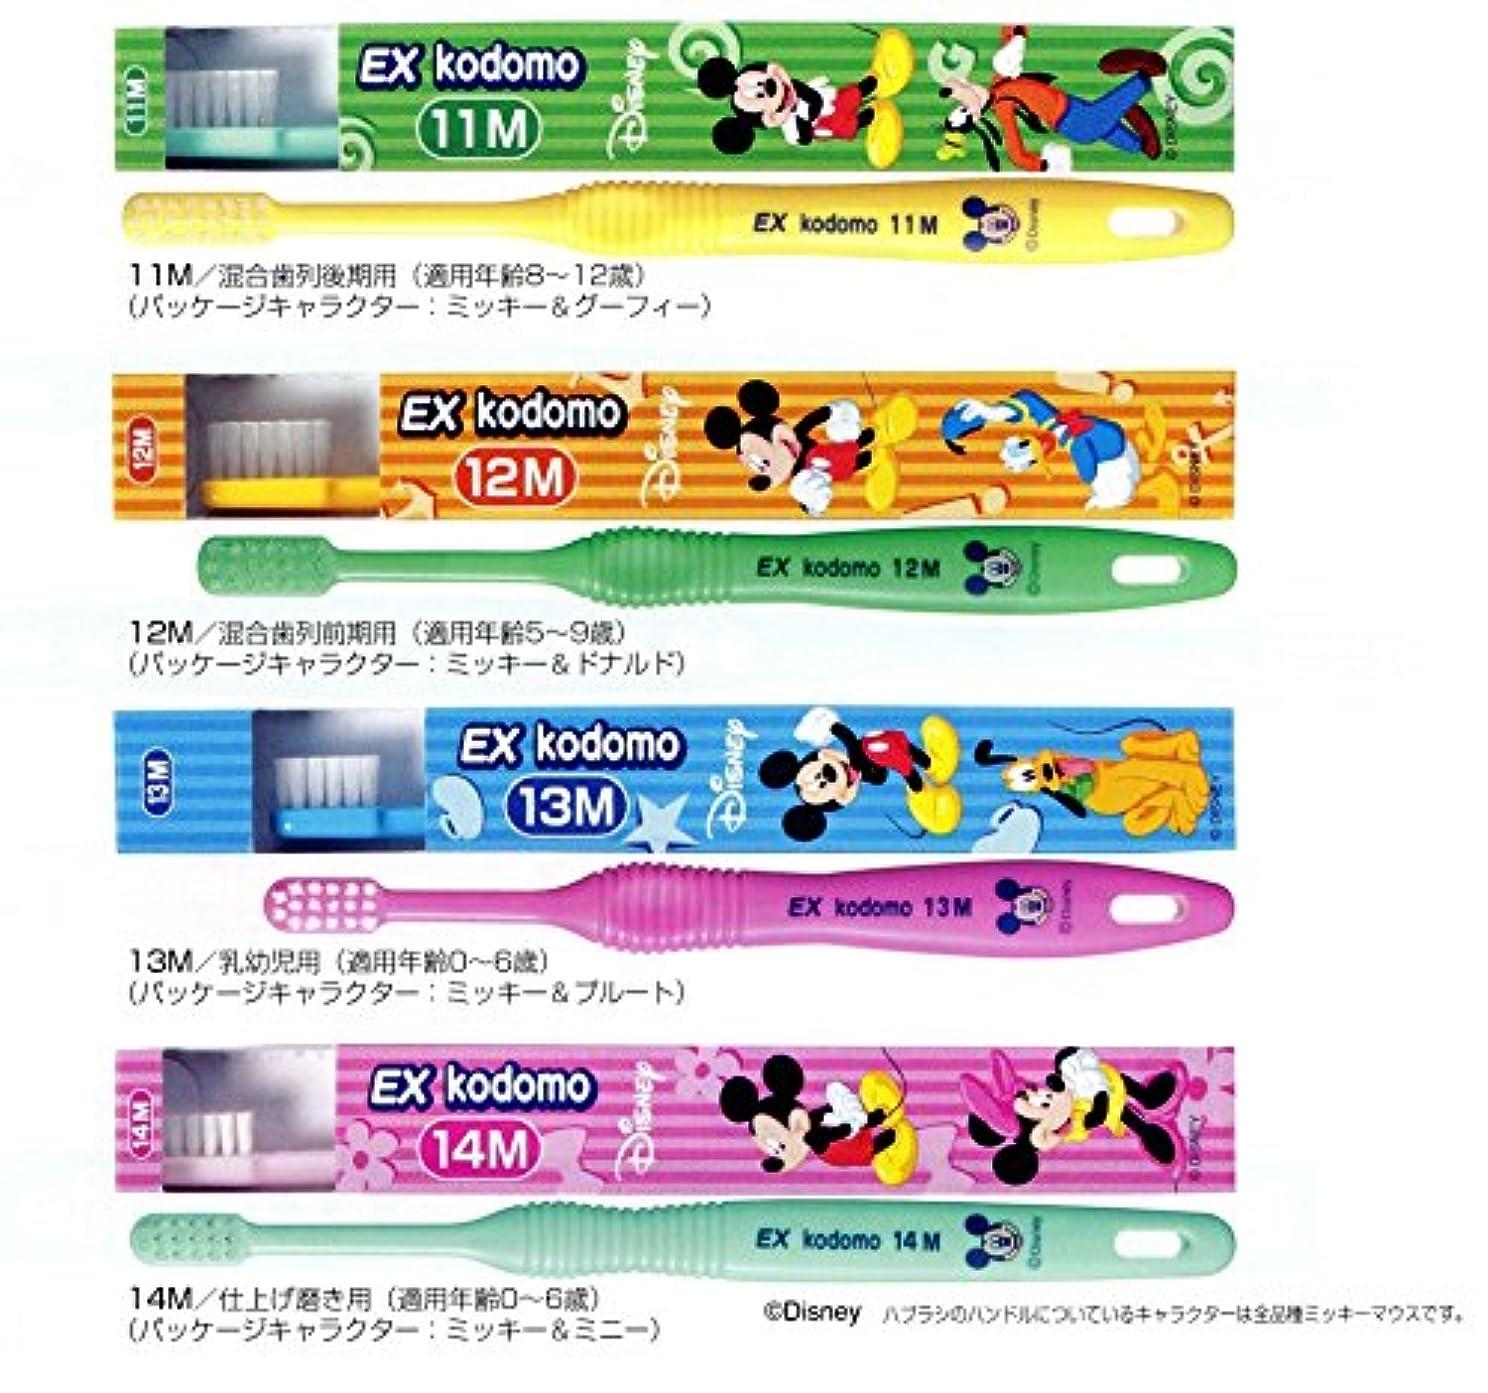 アイスクリームハング器具ライオン コドモ ディズニー DENT.EX kodomo Disney 1本 12M グリーン (5?9歳)